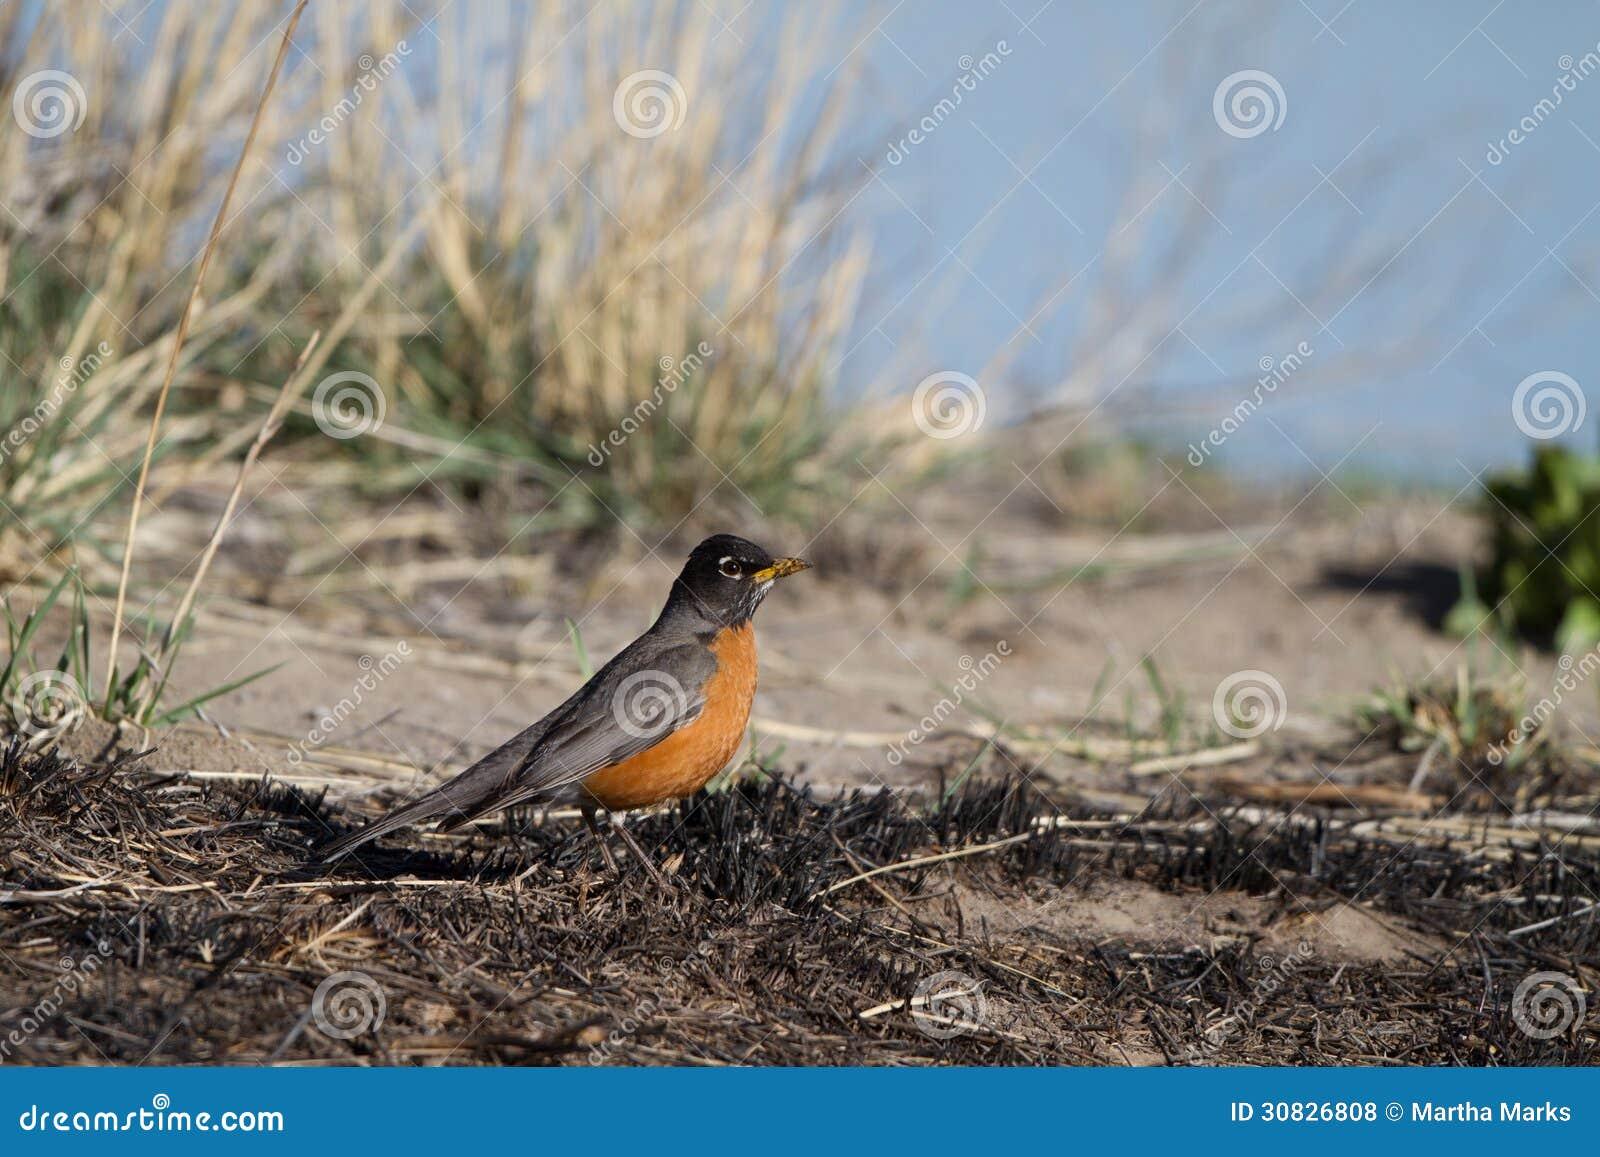 Americano Robin, migratorius del Turdus